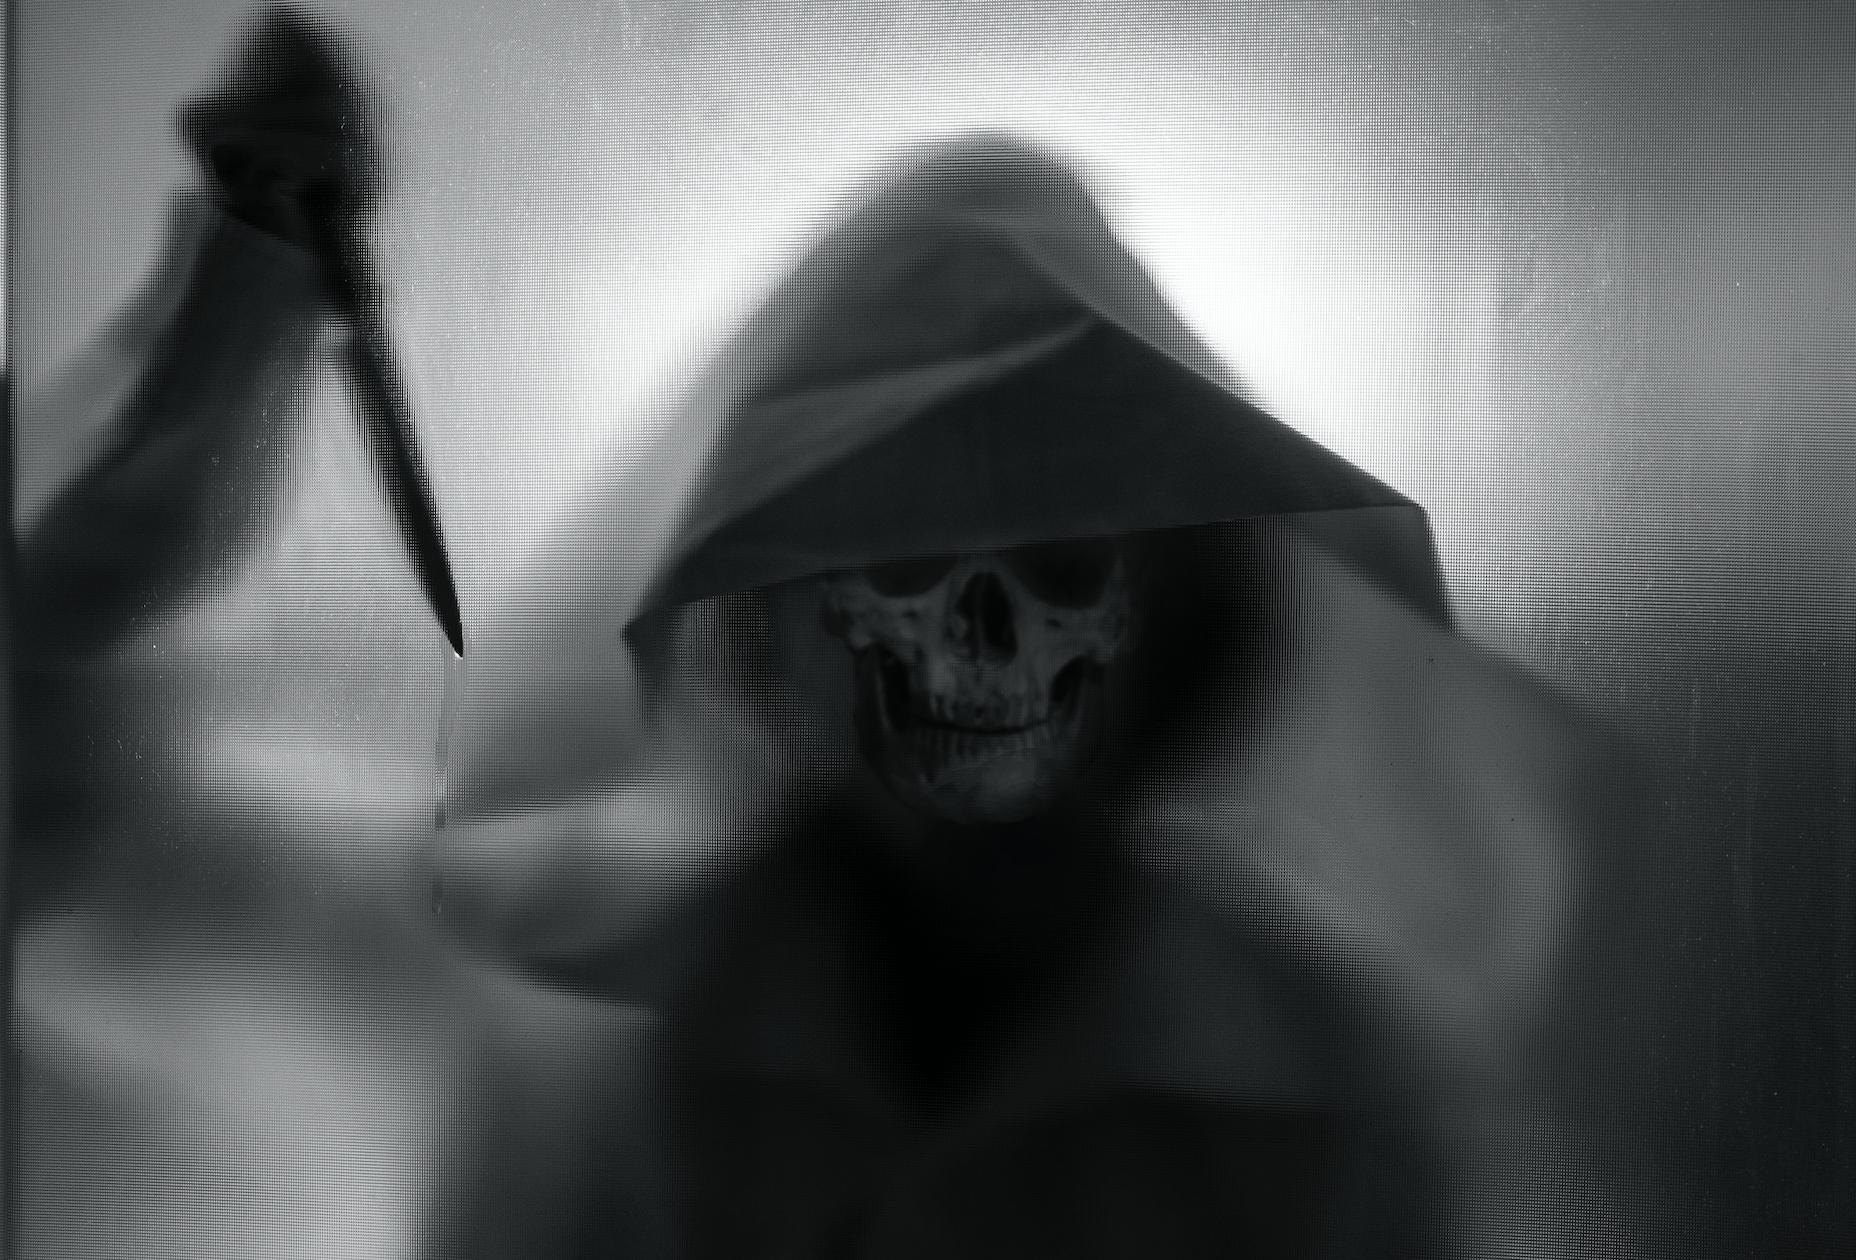 Películas de terror que puedes ver gratis en Youtube